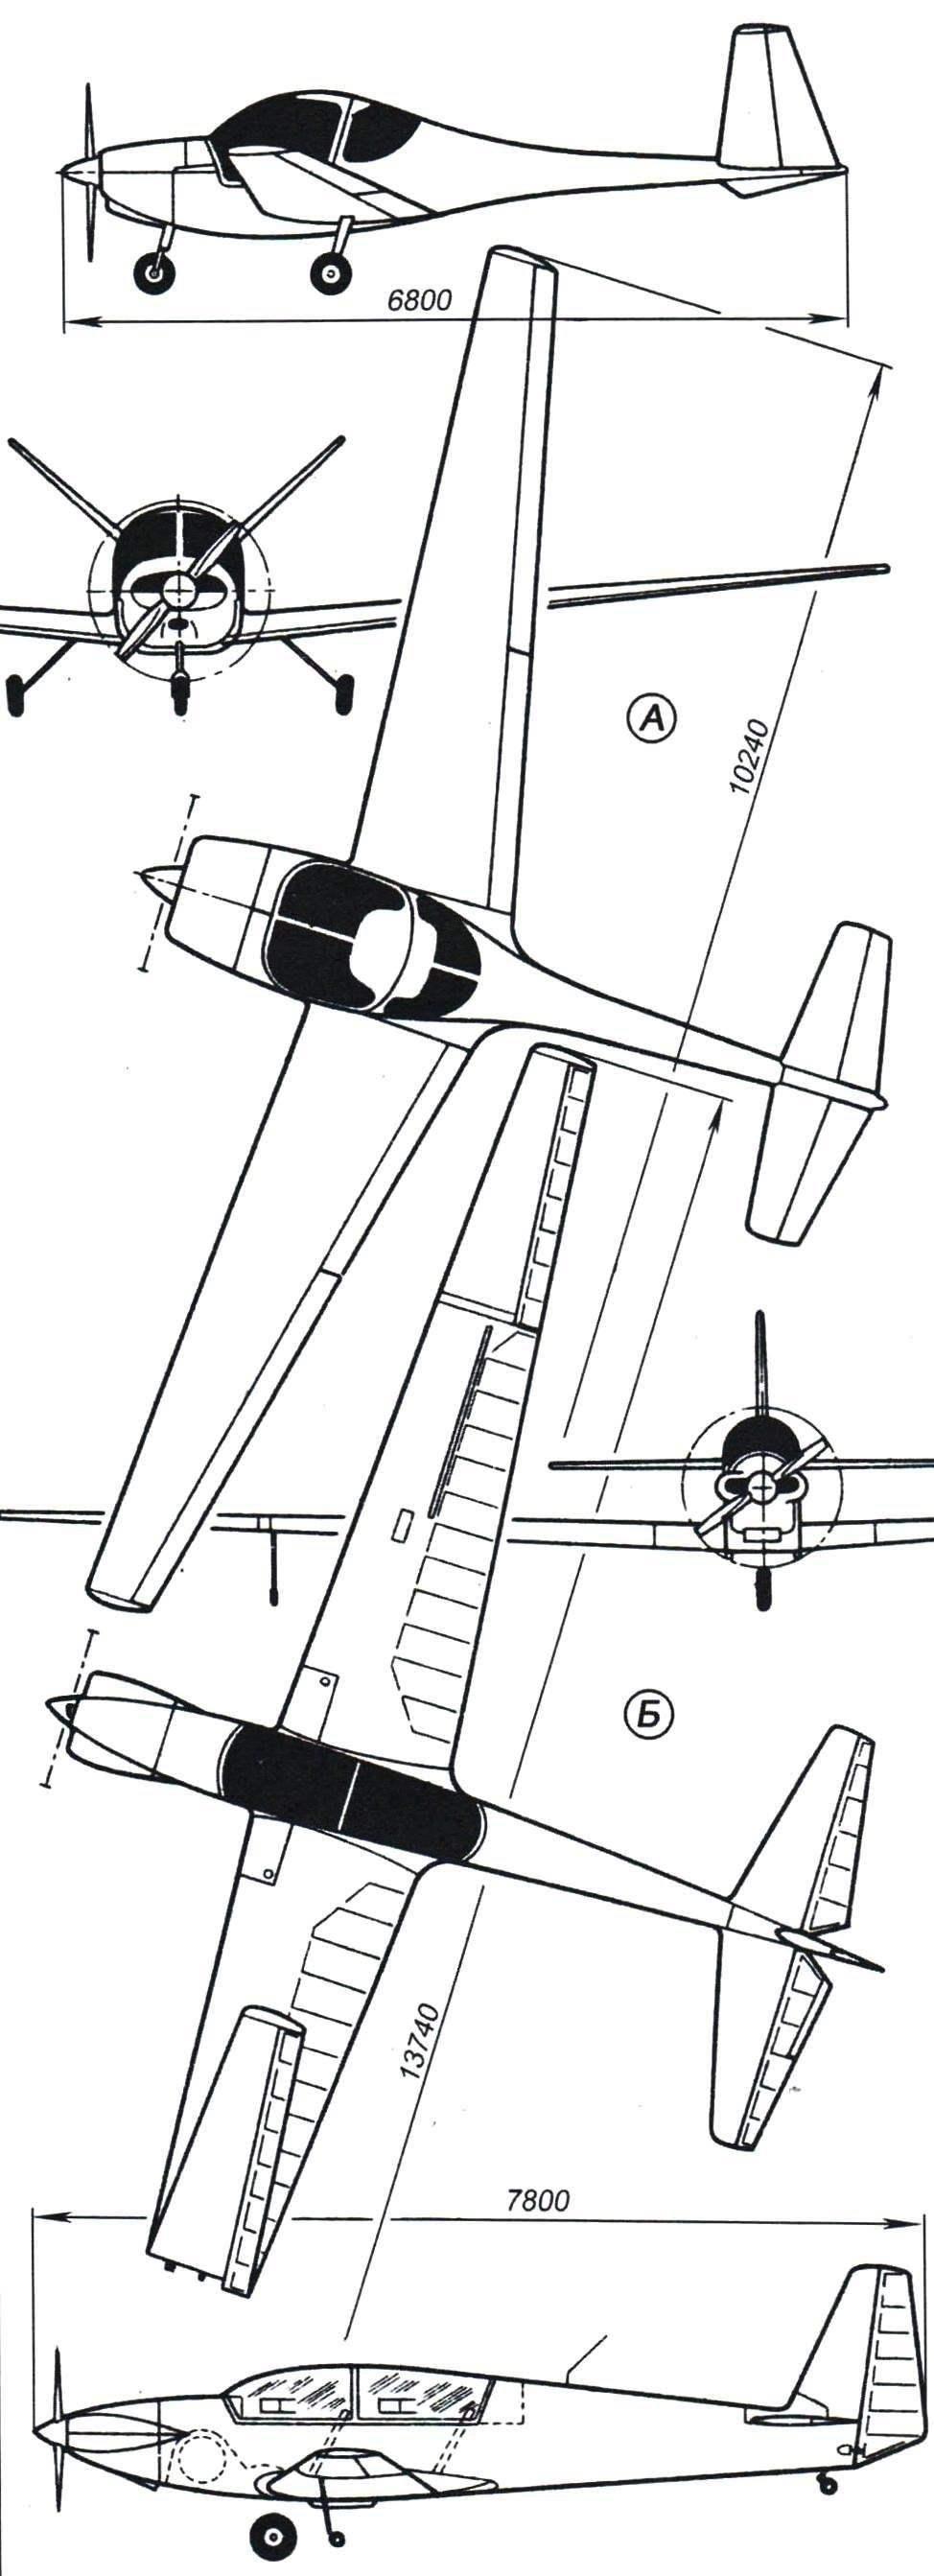 Французские двухместные самолёты с крылом большого удлинения